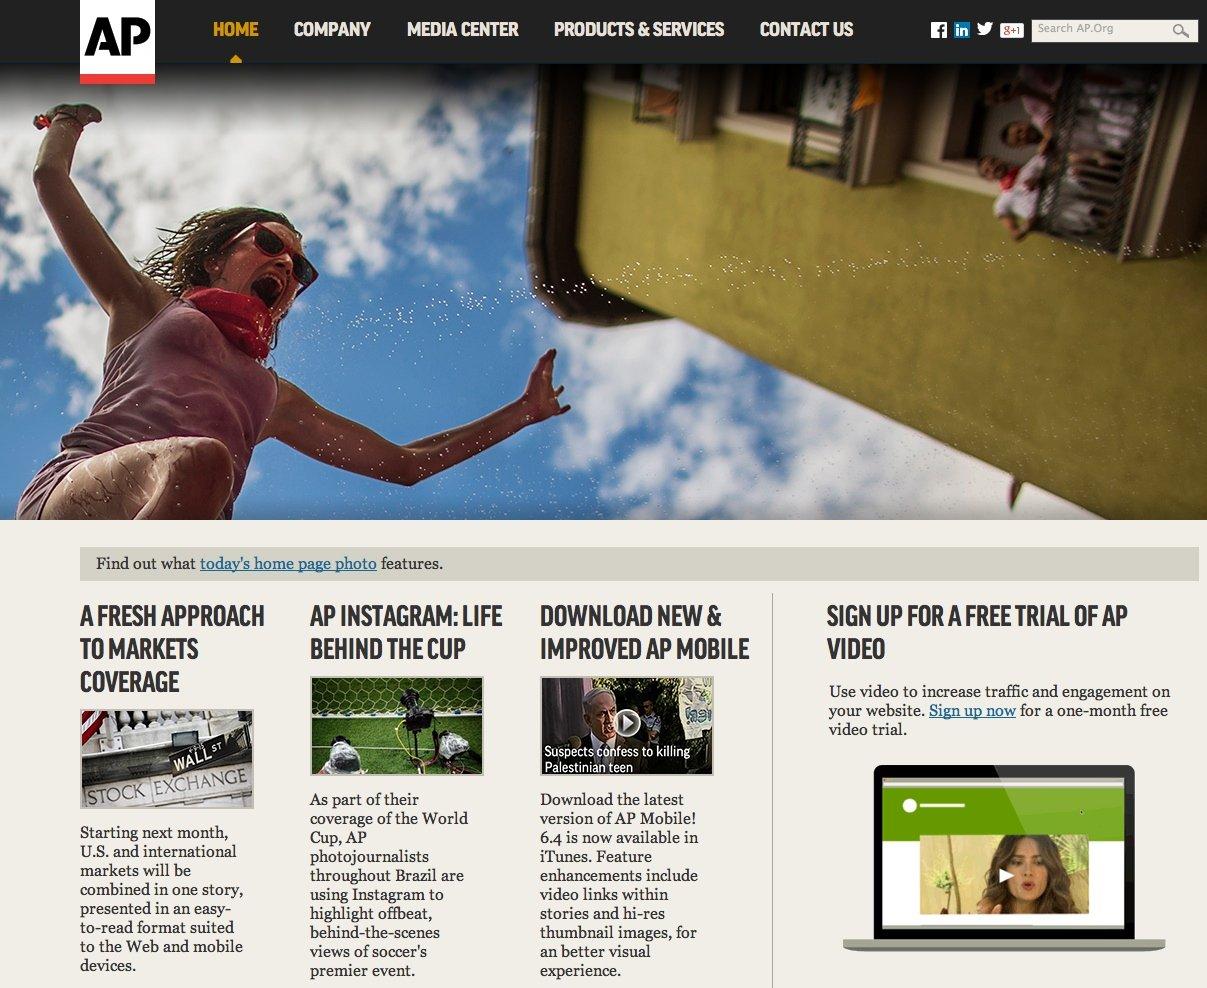 Homepage der Nachrichtenagentur AP: Künftig will die amerikanische Agentur Unternehmensnachrichten von Computerprogrammen schreiben lassen.